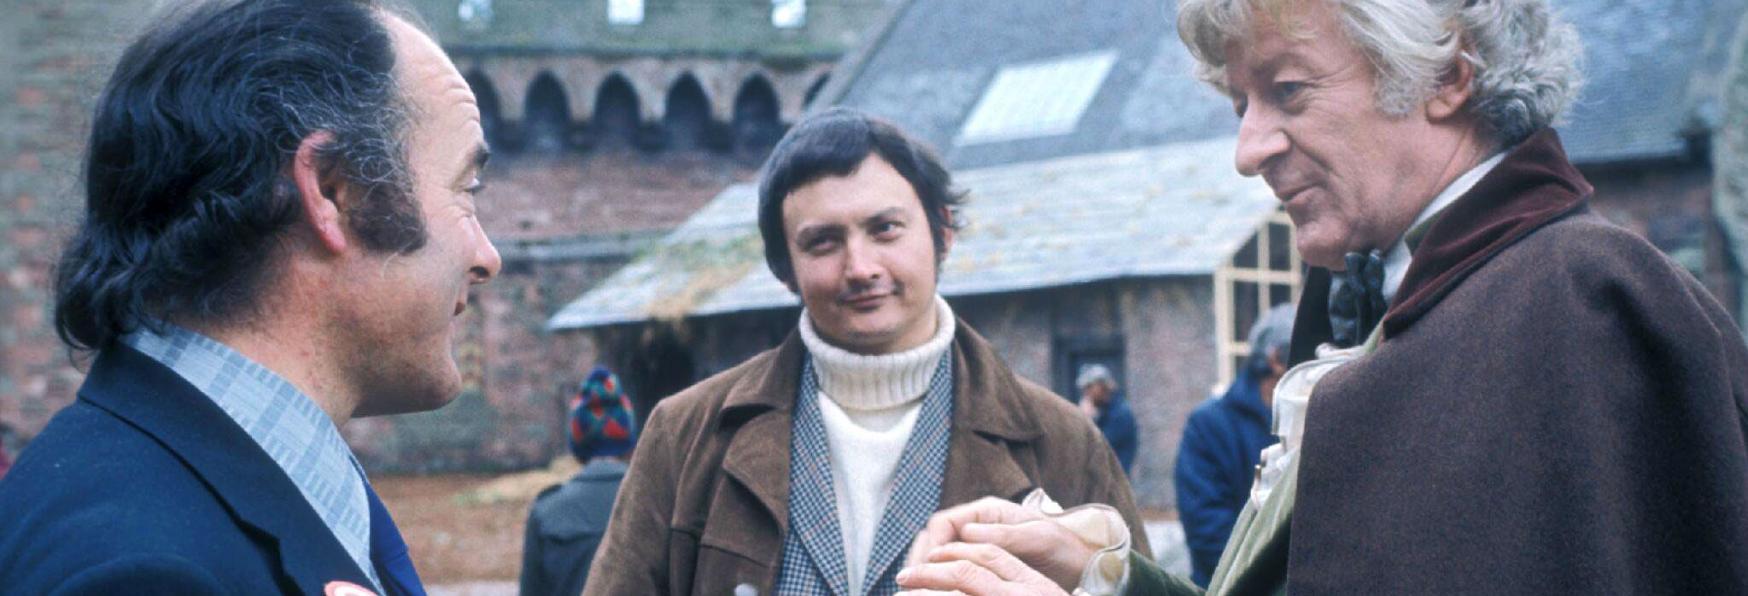 Doctor Who: Terrance Dicks, Scrittore della storica Serie TV BBC, Muore a 84 Anni